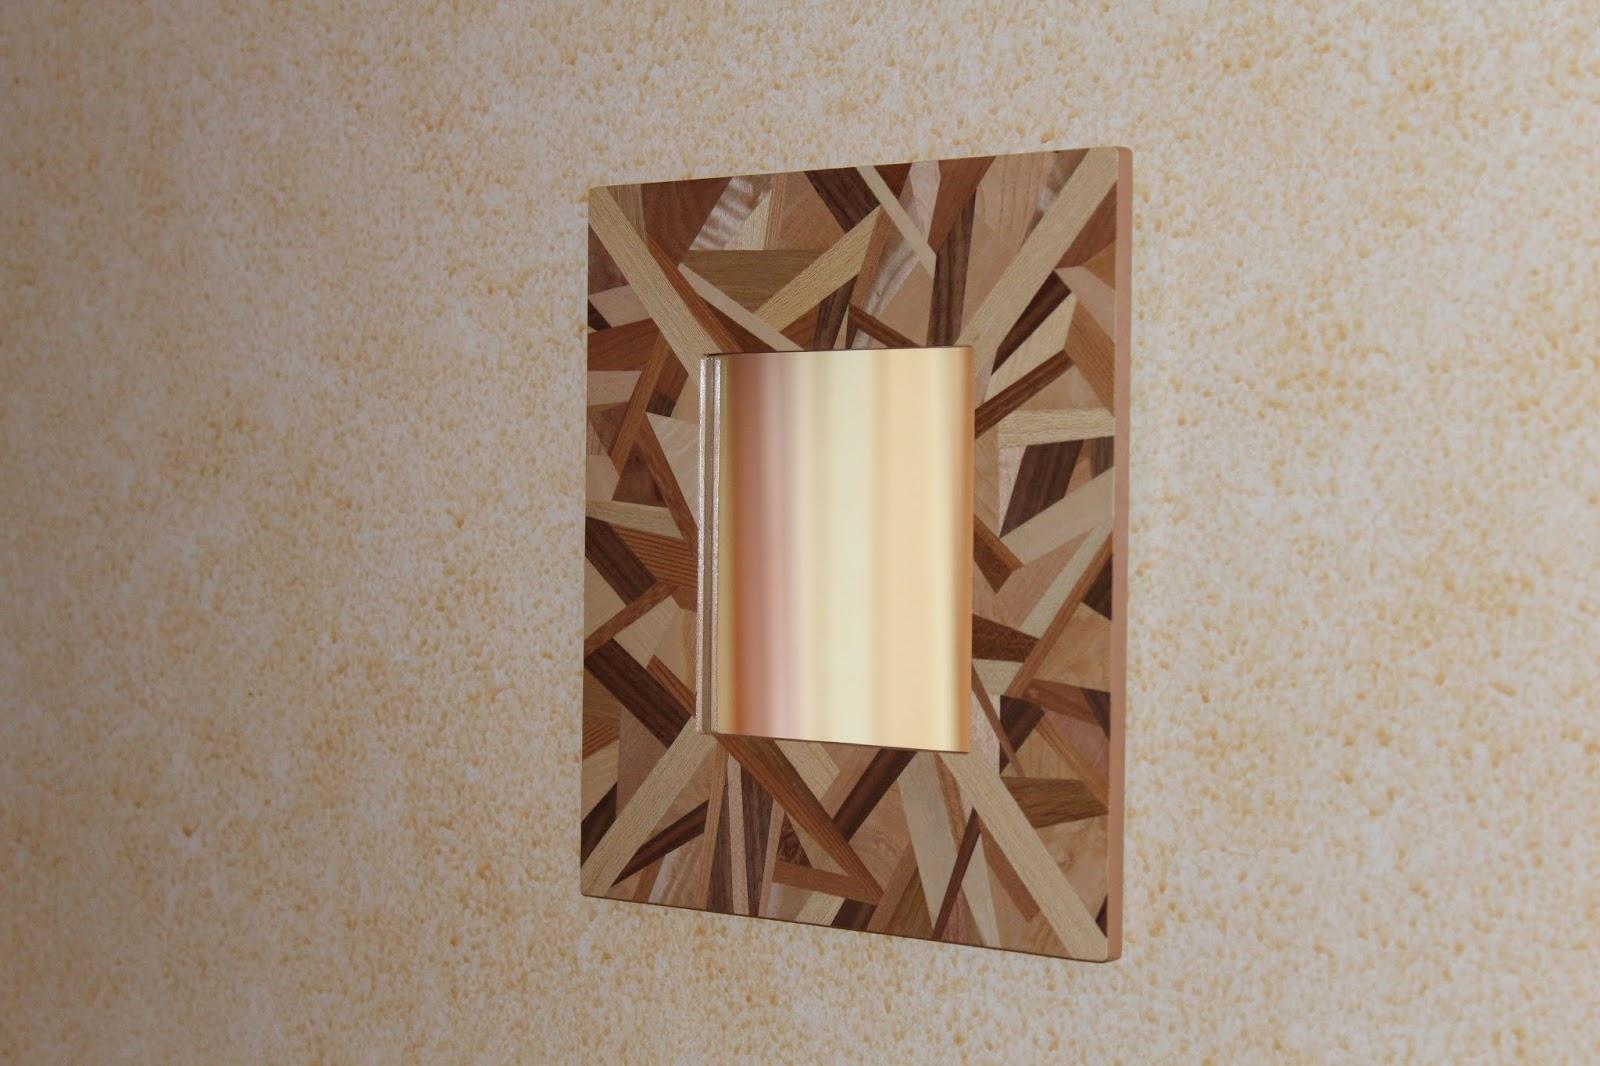 tableaux en marqueterie fr d rique cesbron miroir patchwork bois en marqueterie. Black Bedroom Furniture Sets. Home Design Ideas